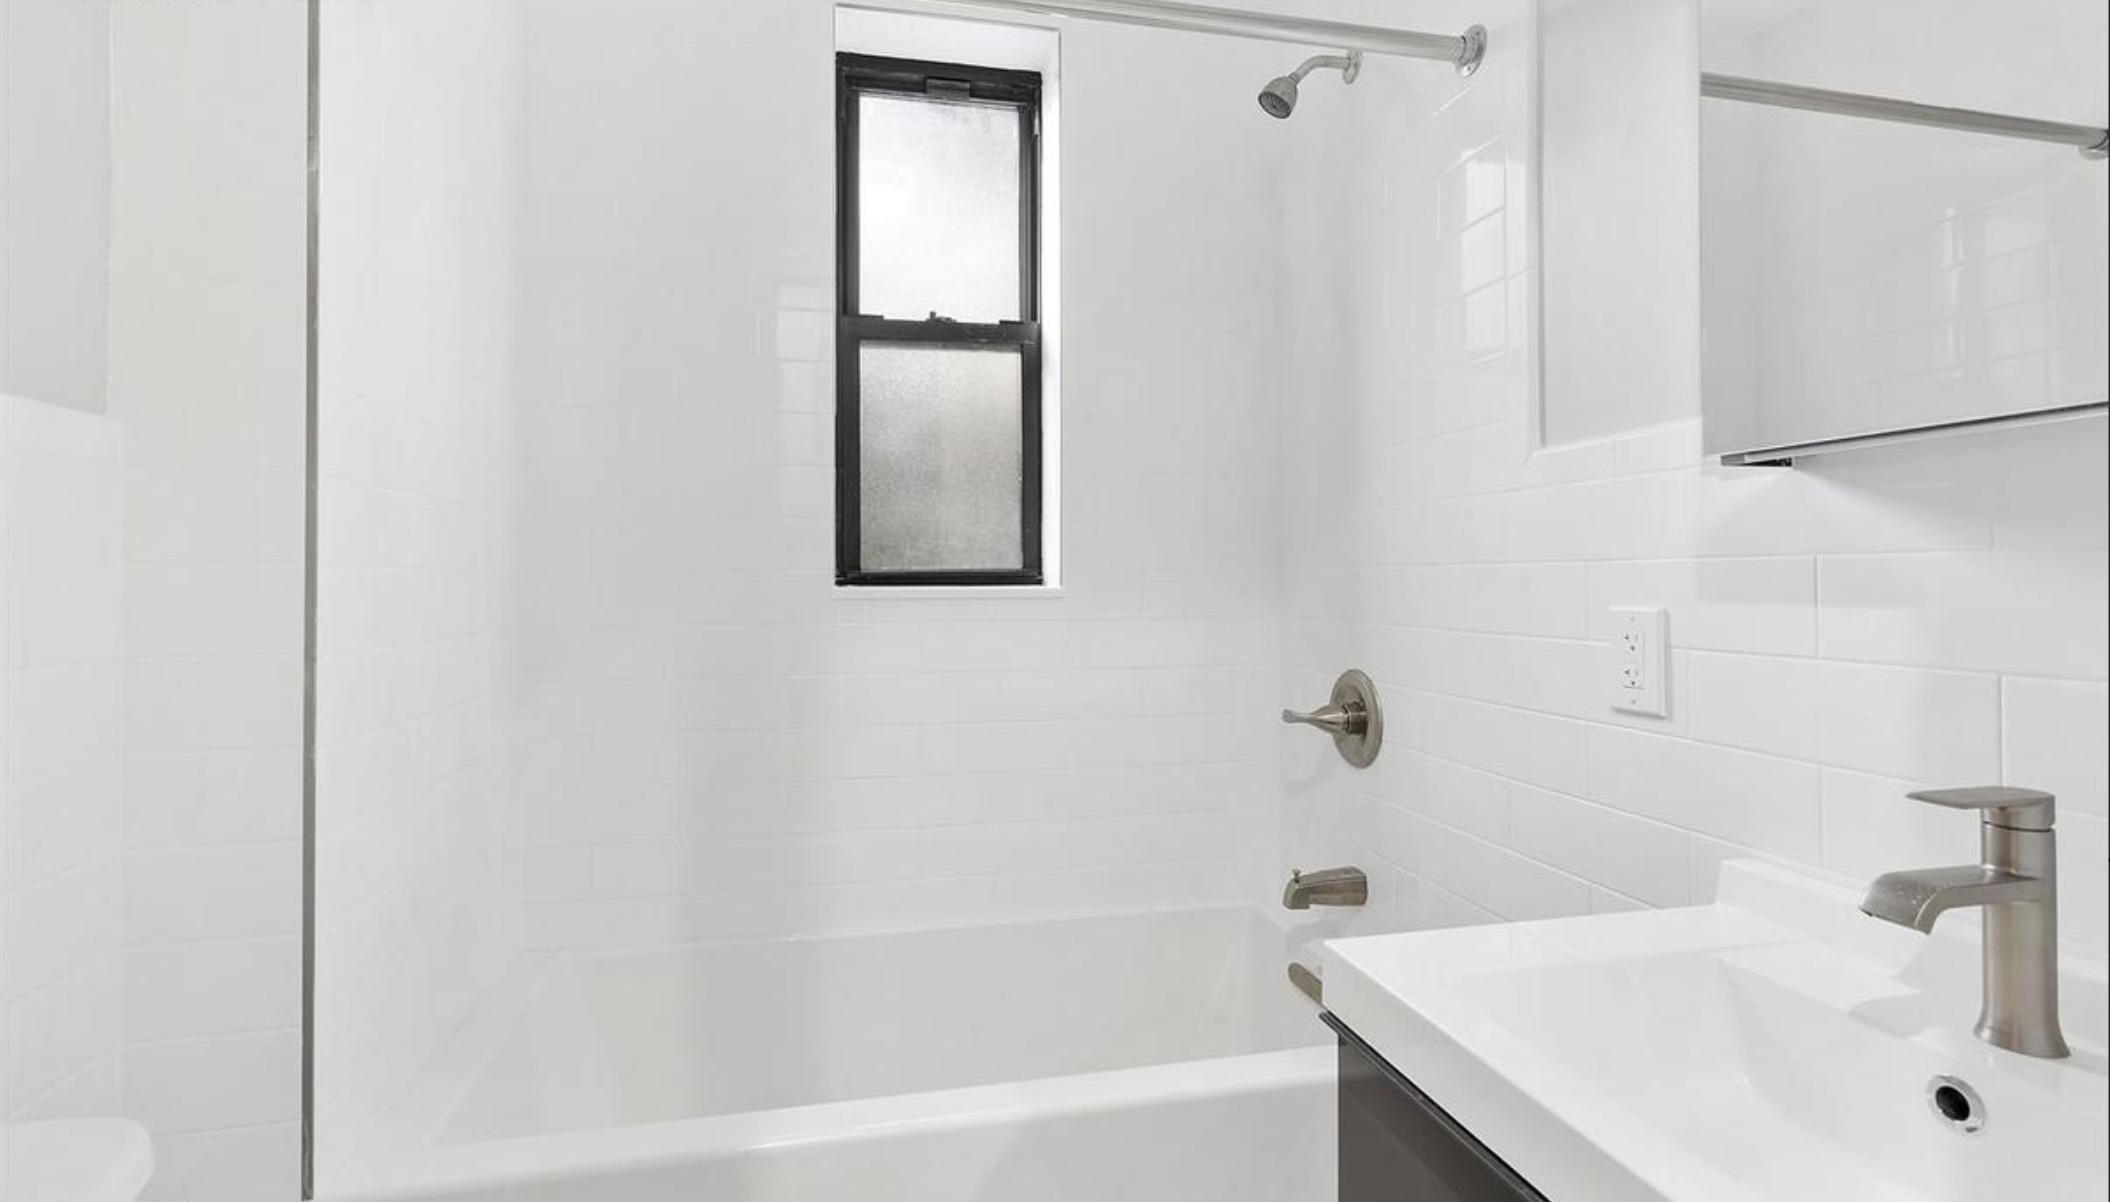 482 Tompkins Avenue Bathroom.png